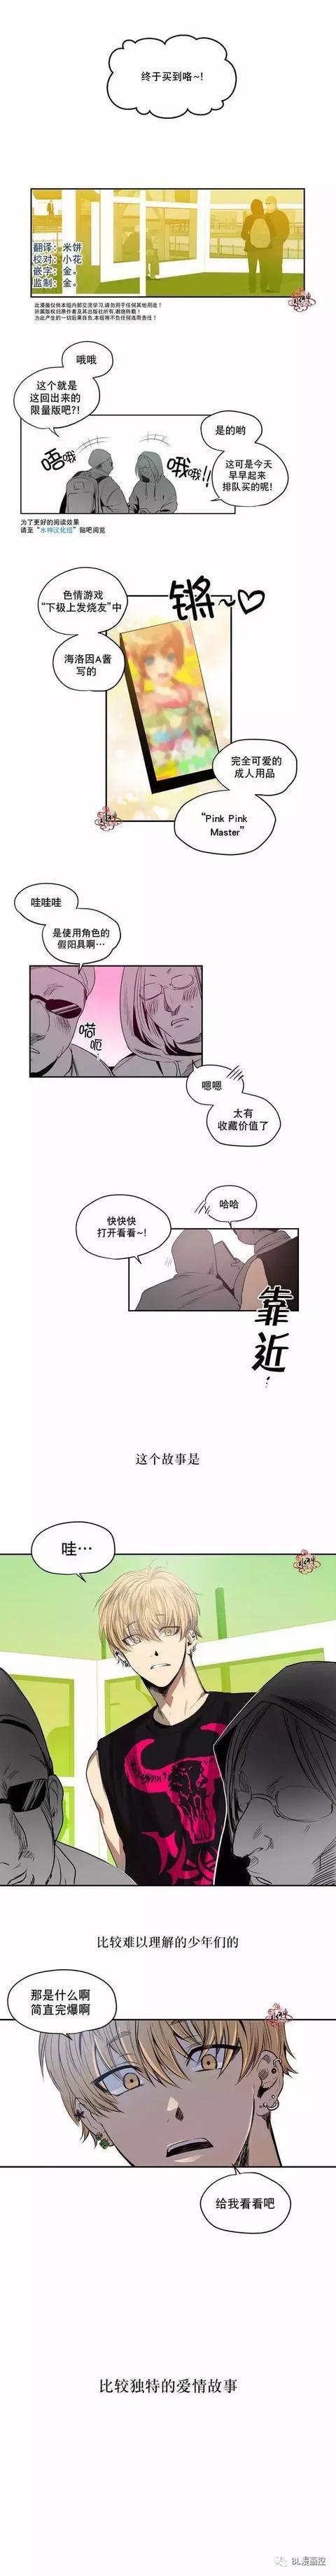 男男性纯肉动漫在线观看,耽美漫画:Peach Love 01话